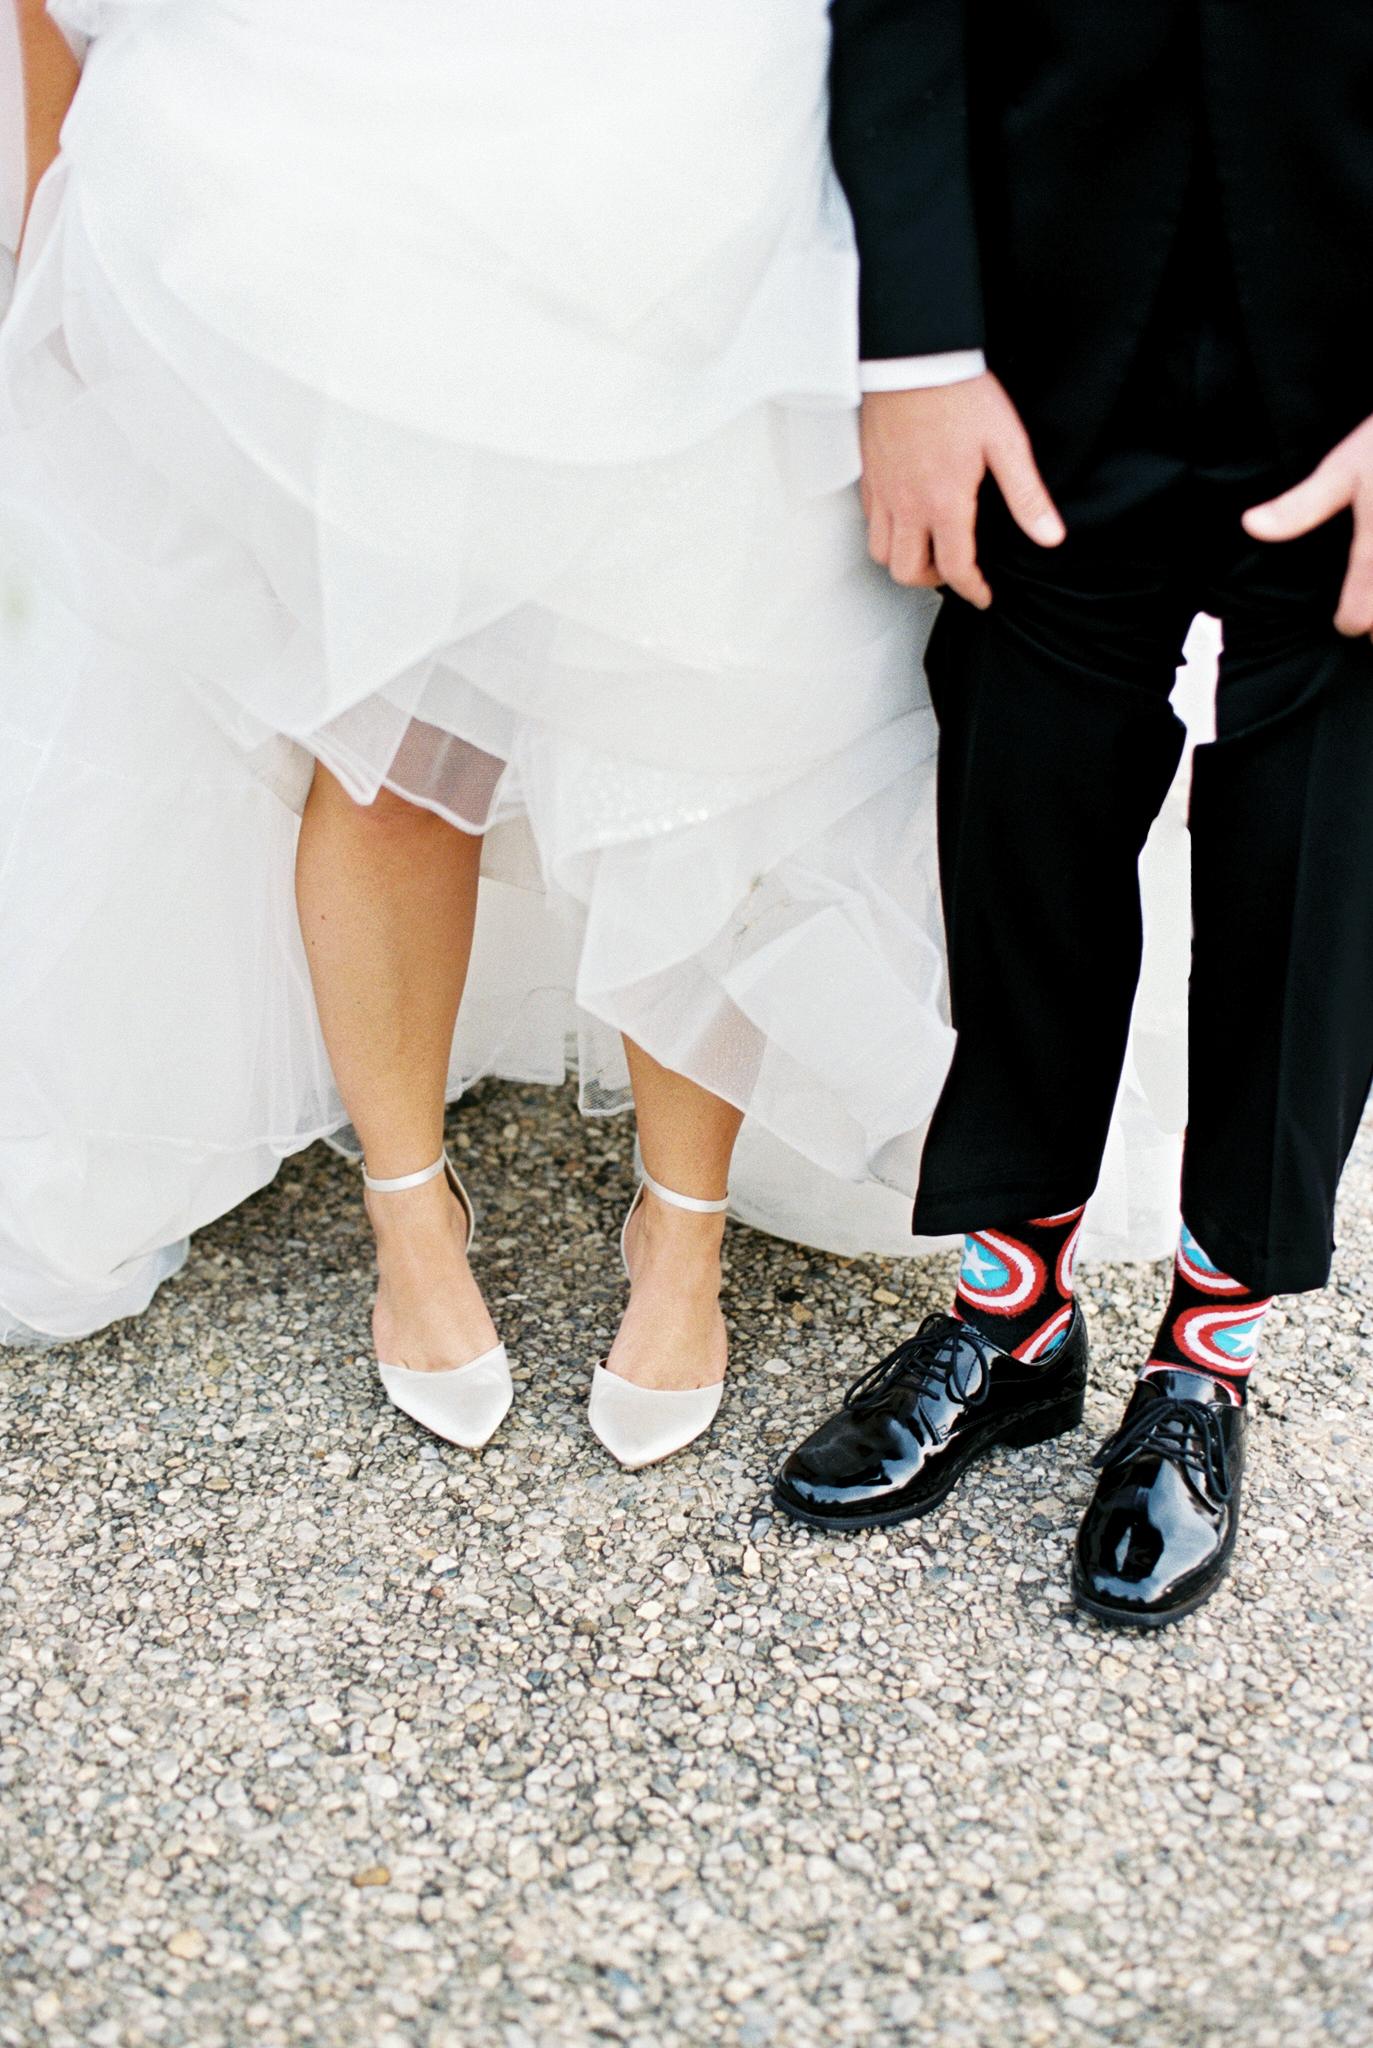 brittany alex wedding shoes